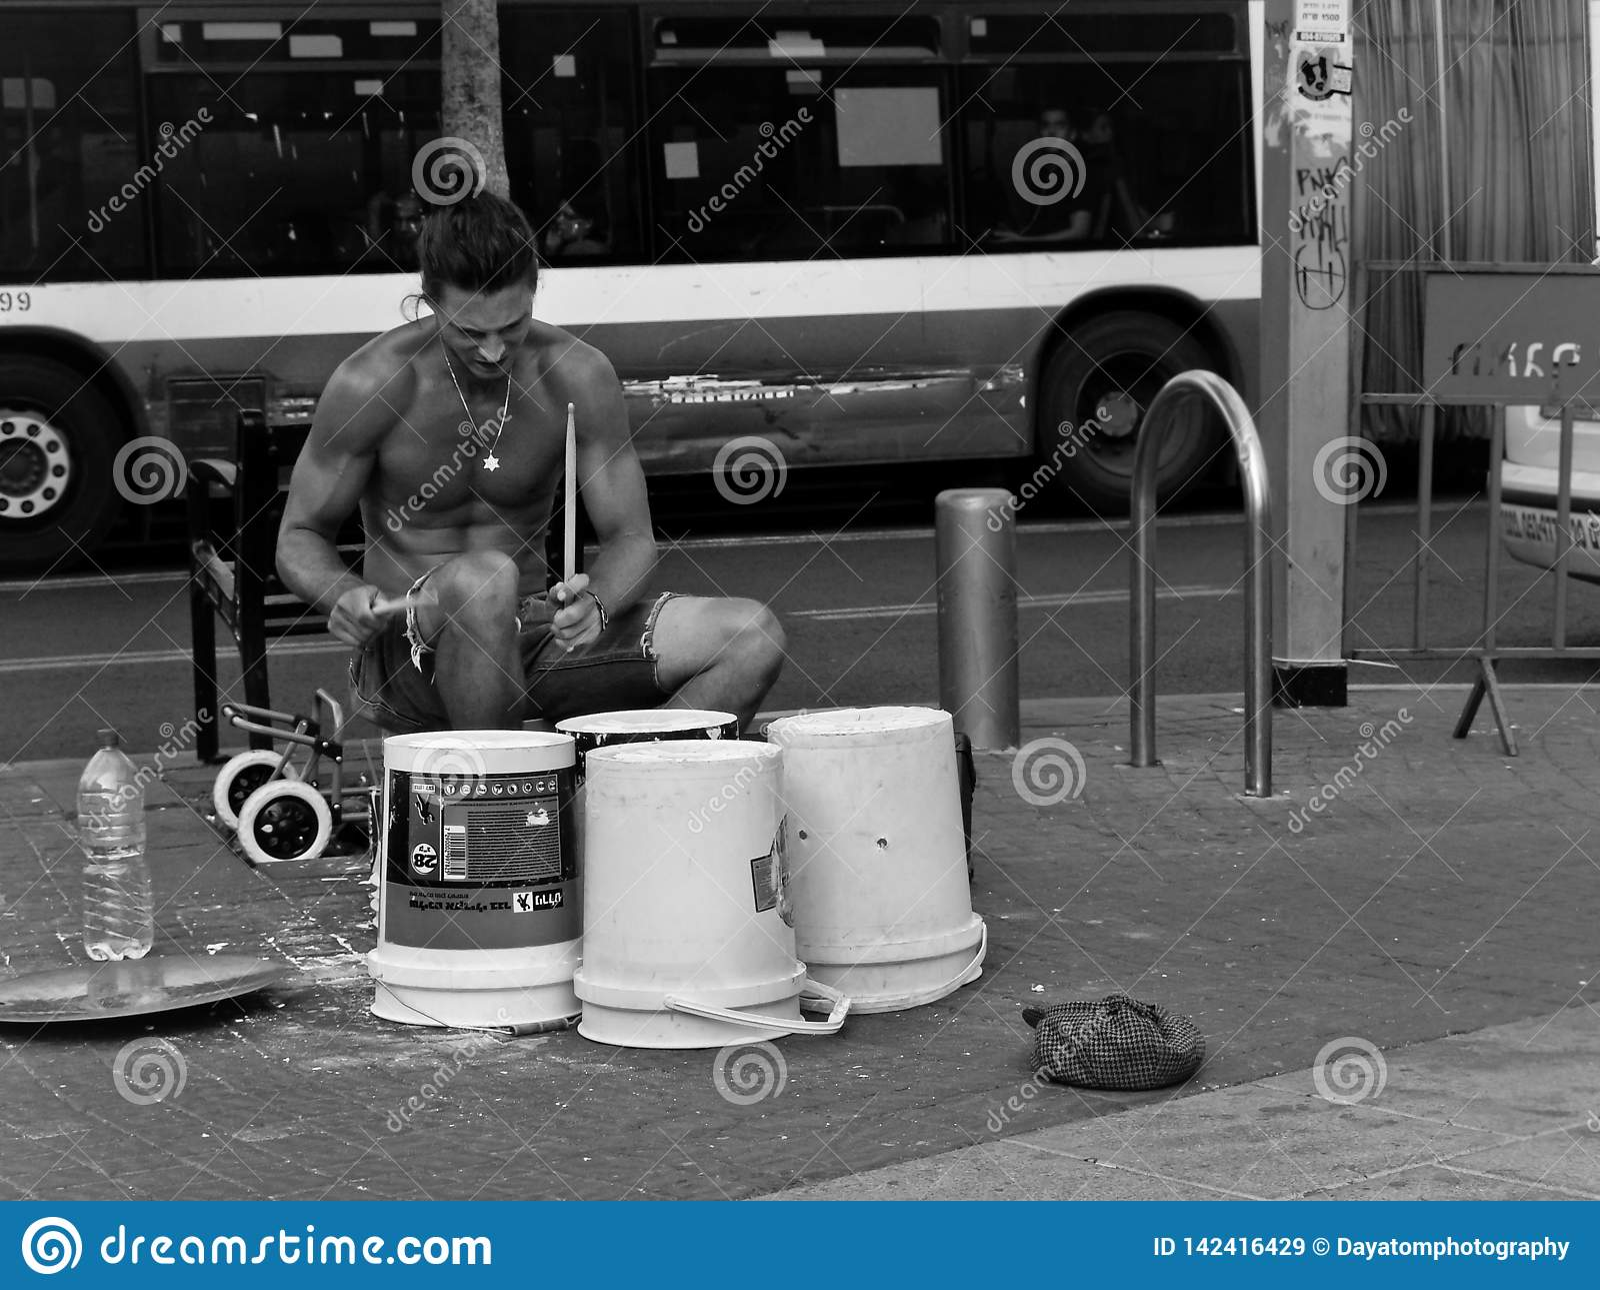 Músico considerável novo da rua, jogando cilindros em caixas do recipiente em um ajuste urbano na frente de um ônibus